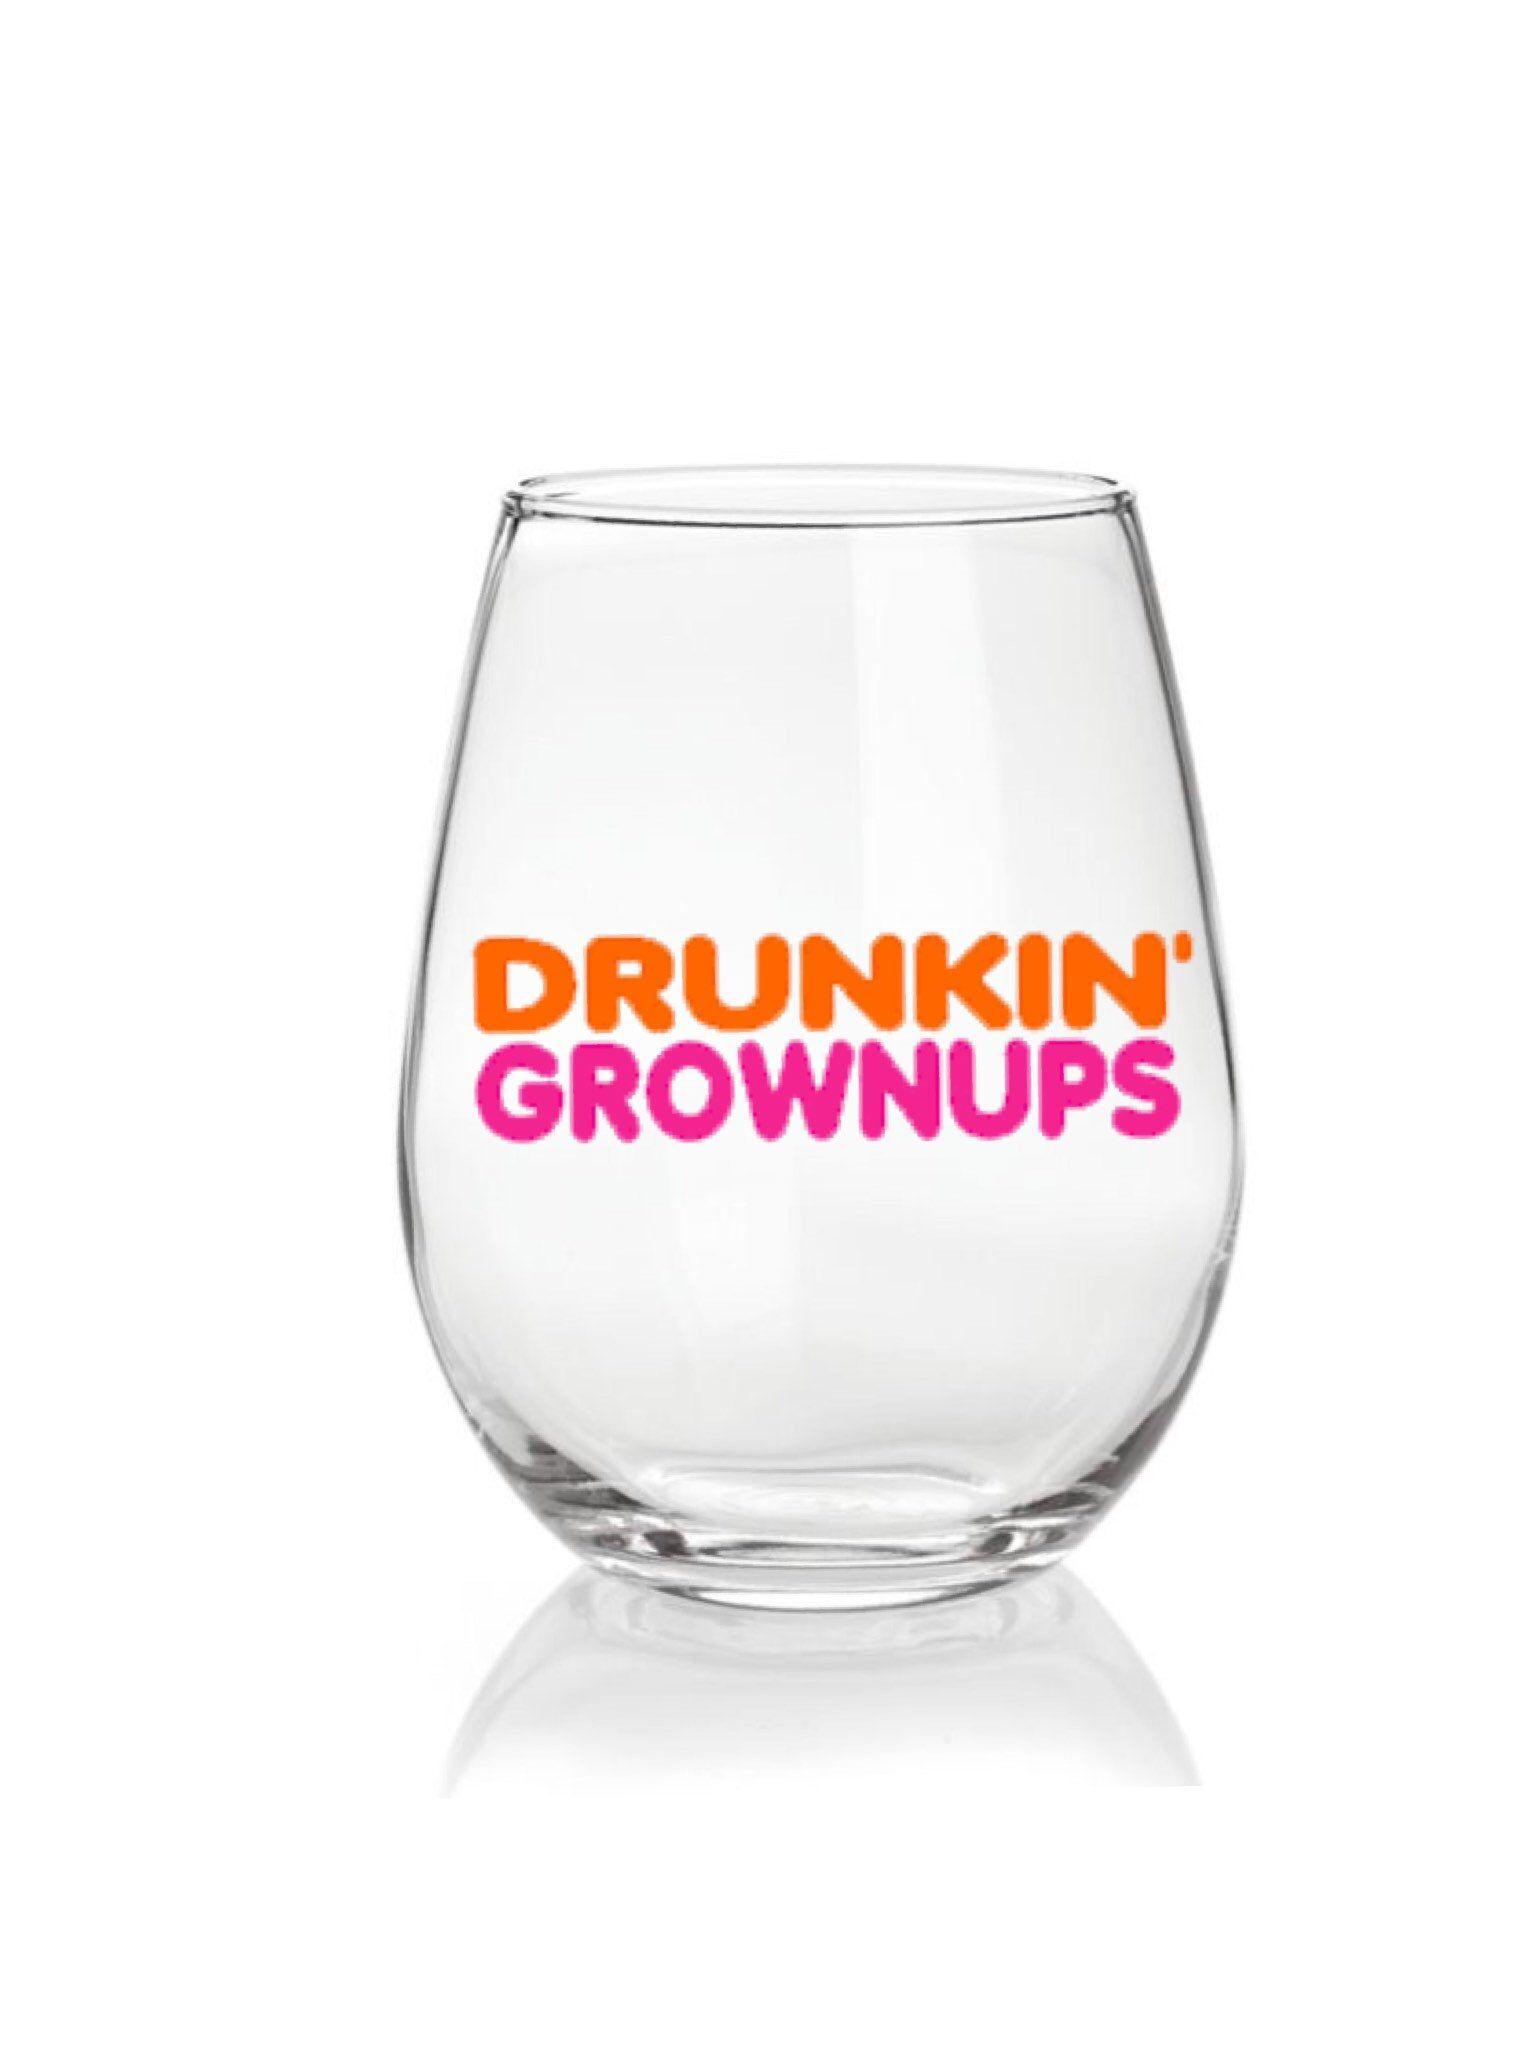 Drunkin Groupwnups wine glass